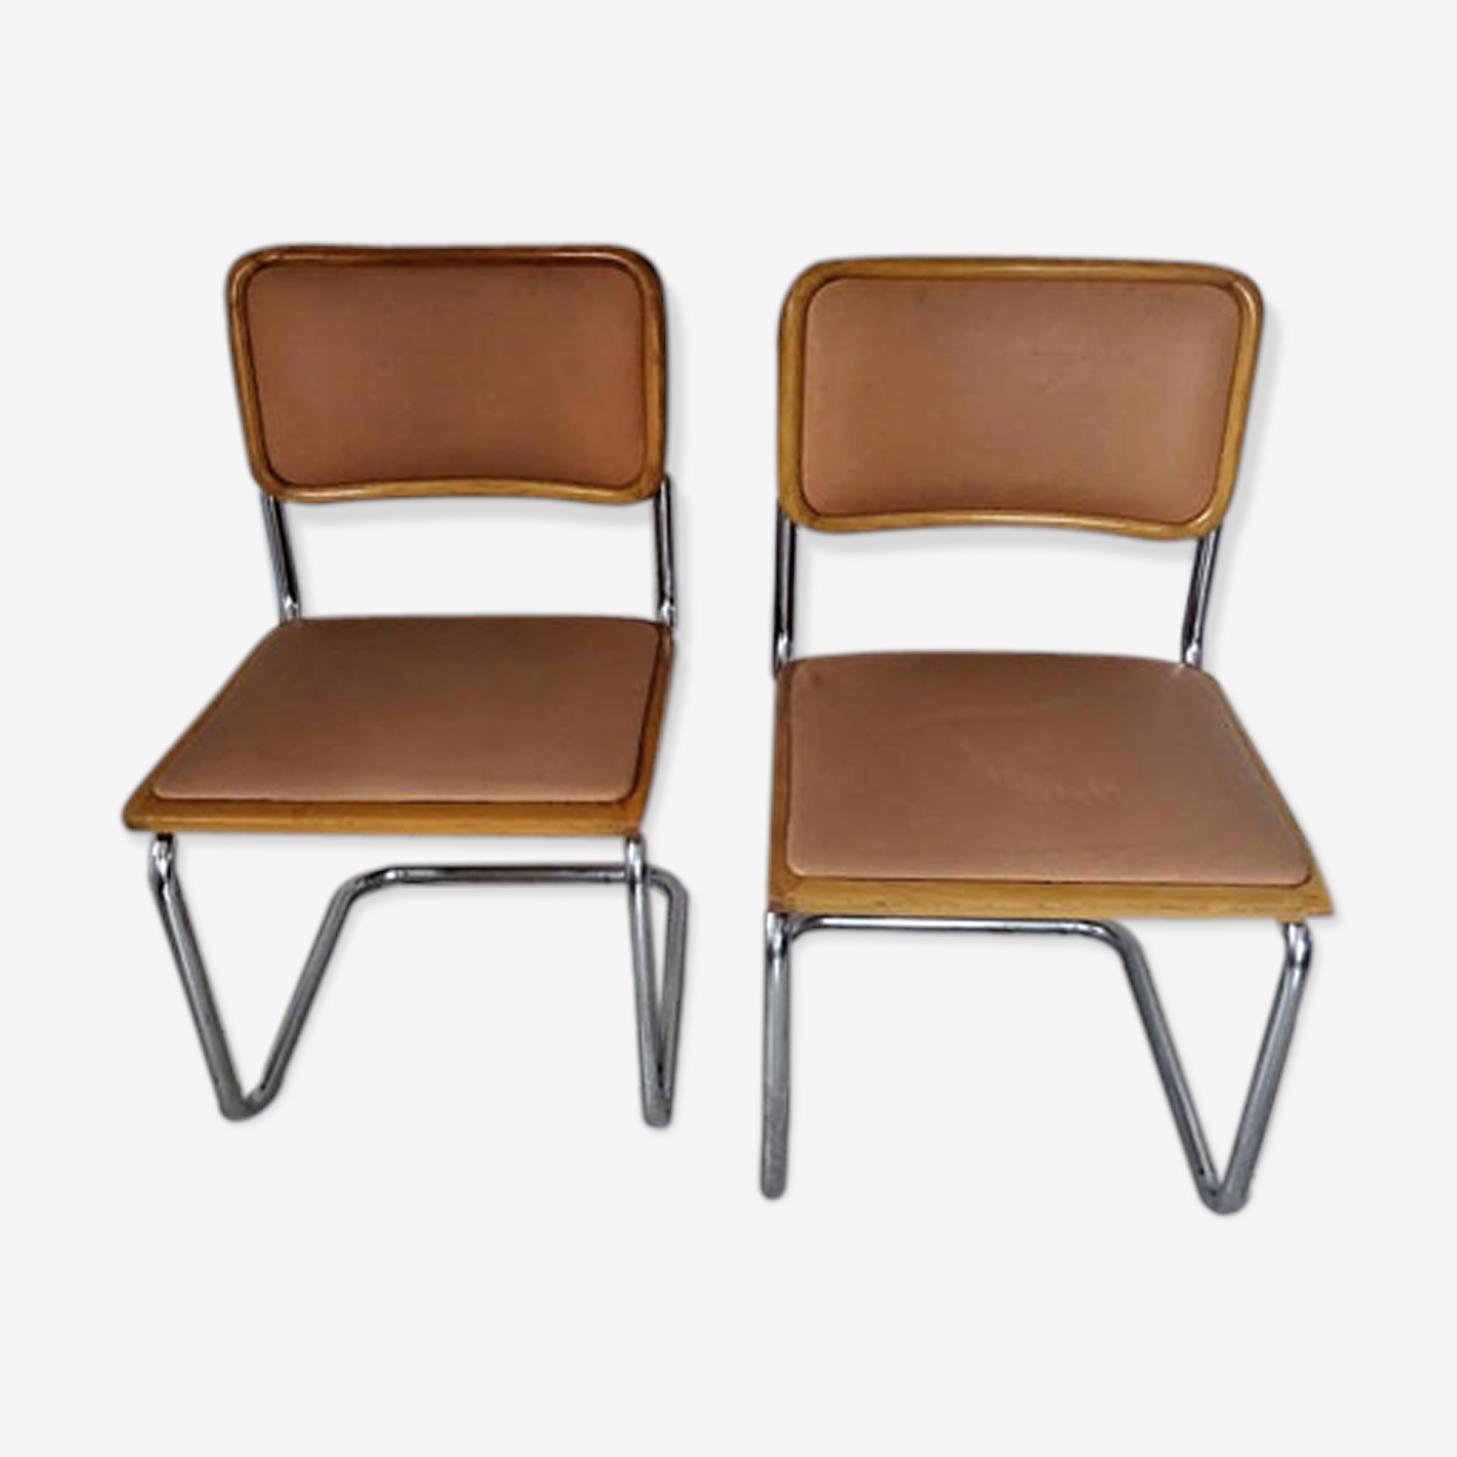 Paire de chaises Cesca B 32 de Breuer-Cantilever de la série des porte à faux